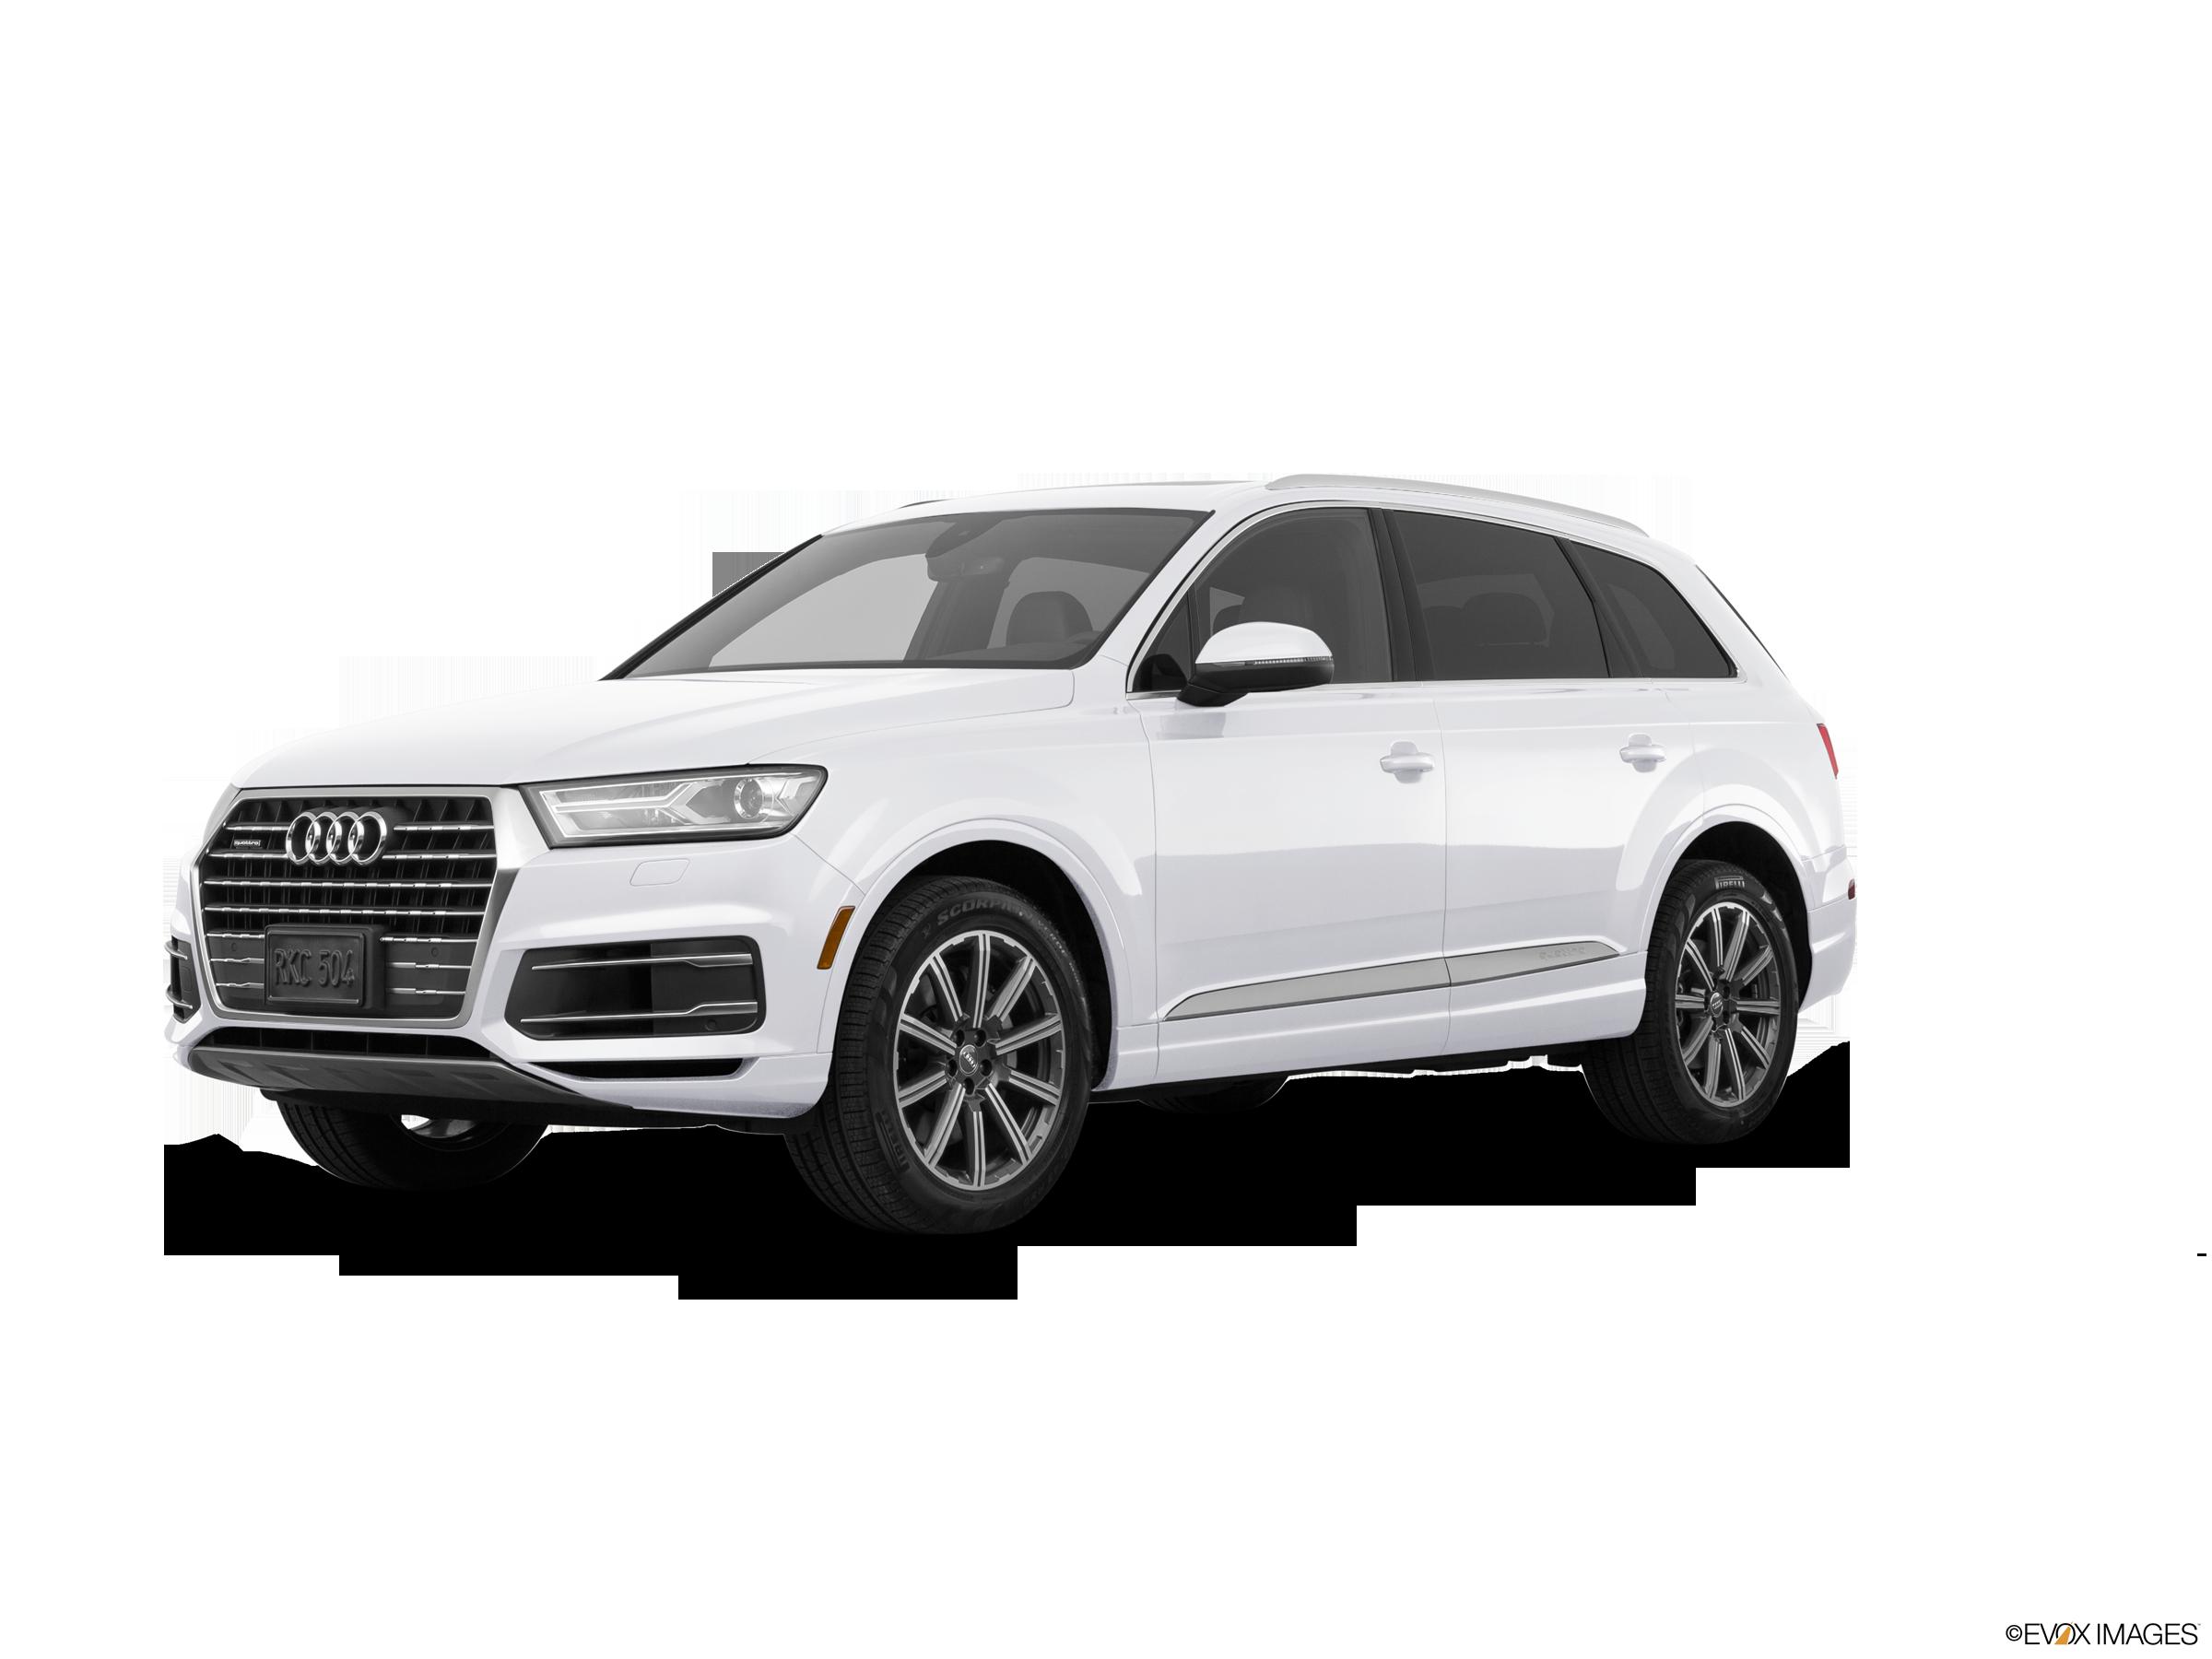 Kelebihan Suv Audi 2019 Perbandingan Harga